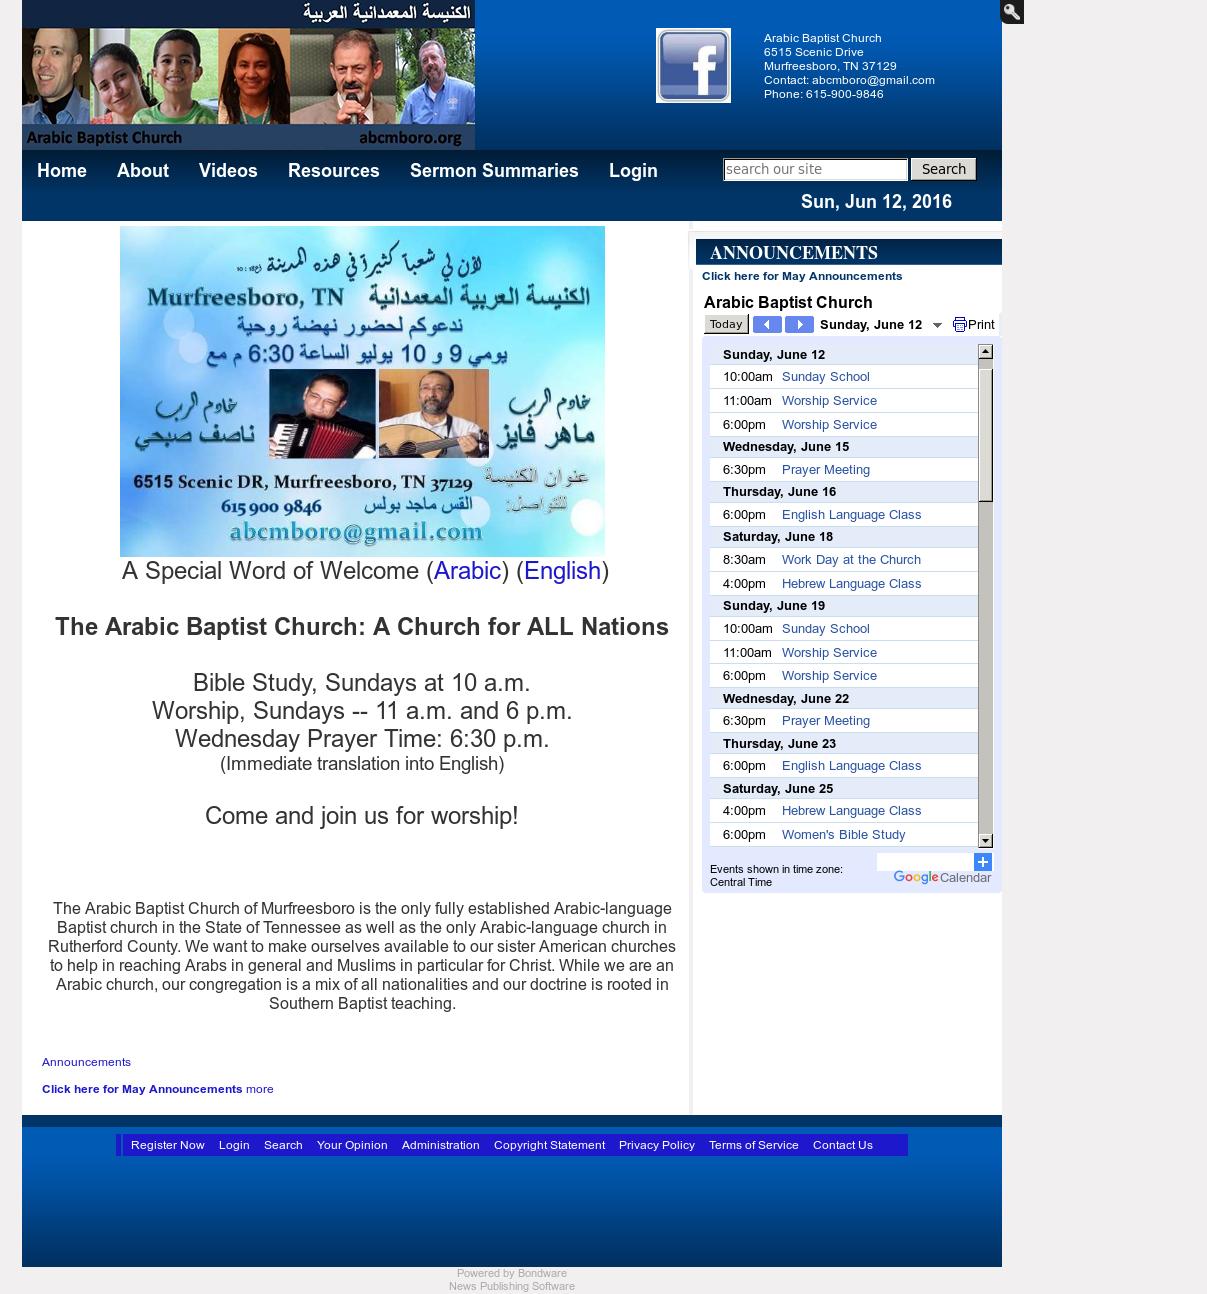 Arabic Baptist Church Of Murfreesboro Competitors, Revenue